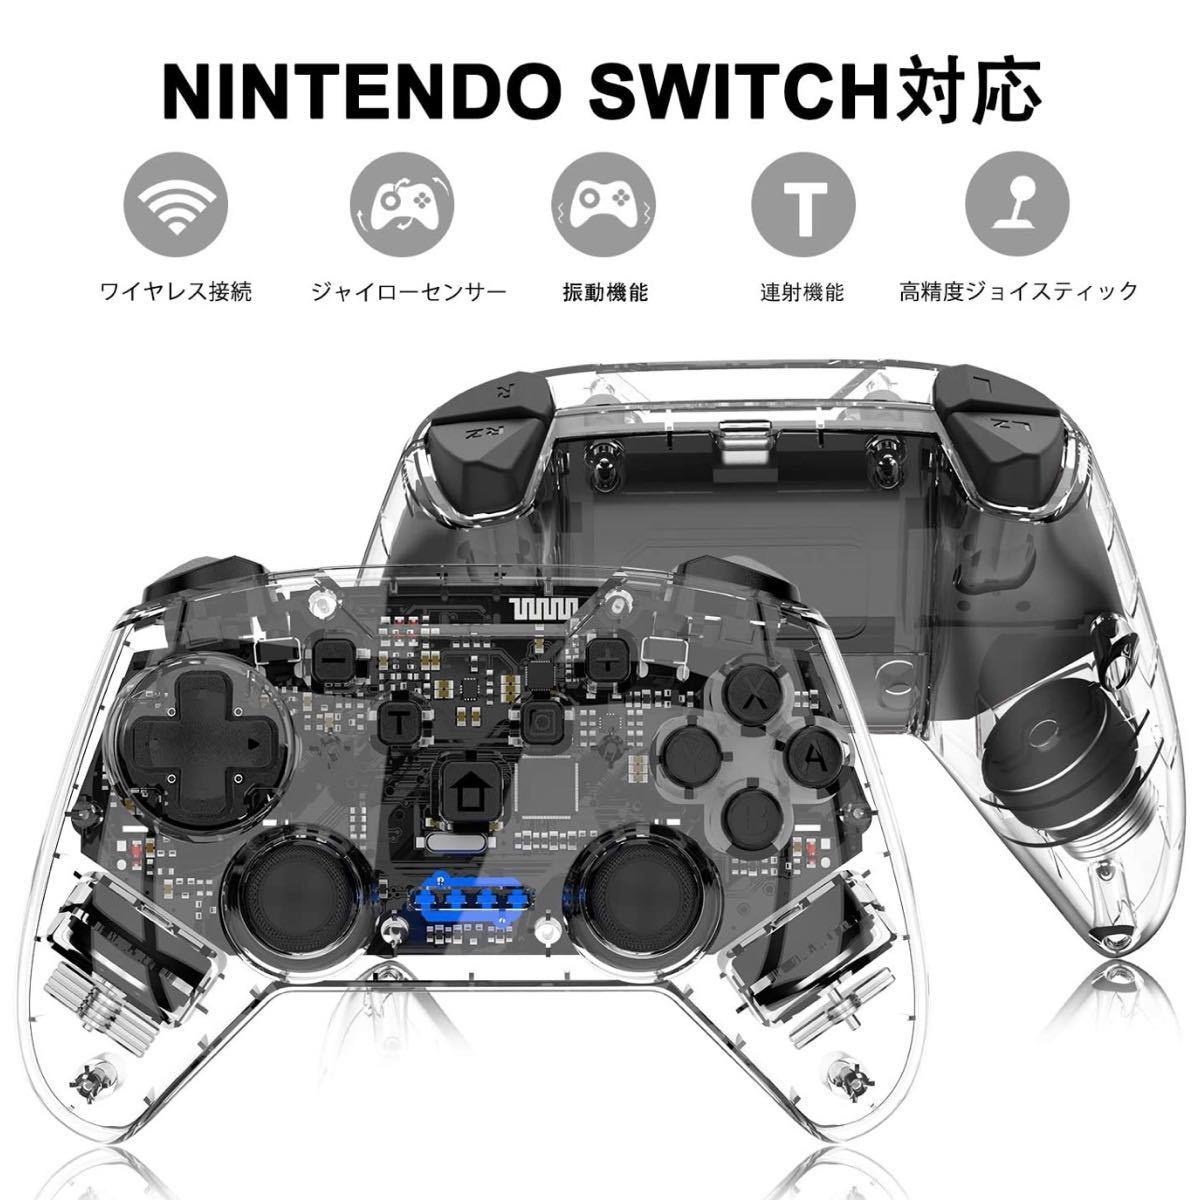 【新品】Switch ワイヤレス コントローラー クリア プロコン スイッチ 無線 任天堂 スイッチ スケルトン【24時間内発送】